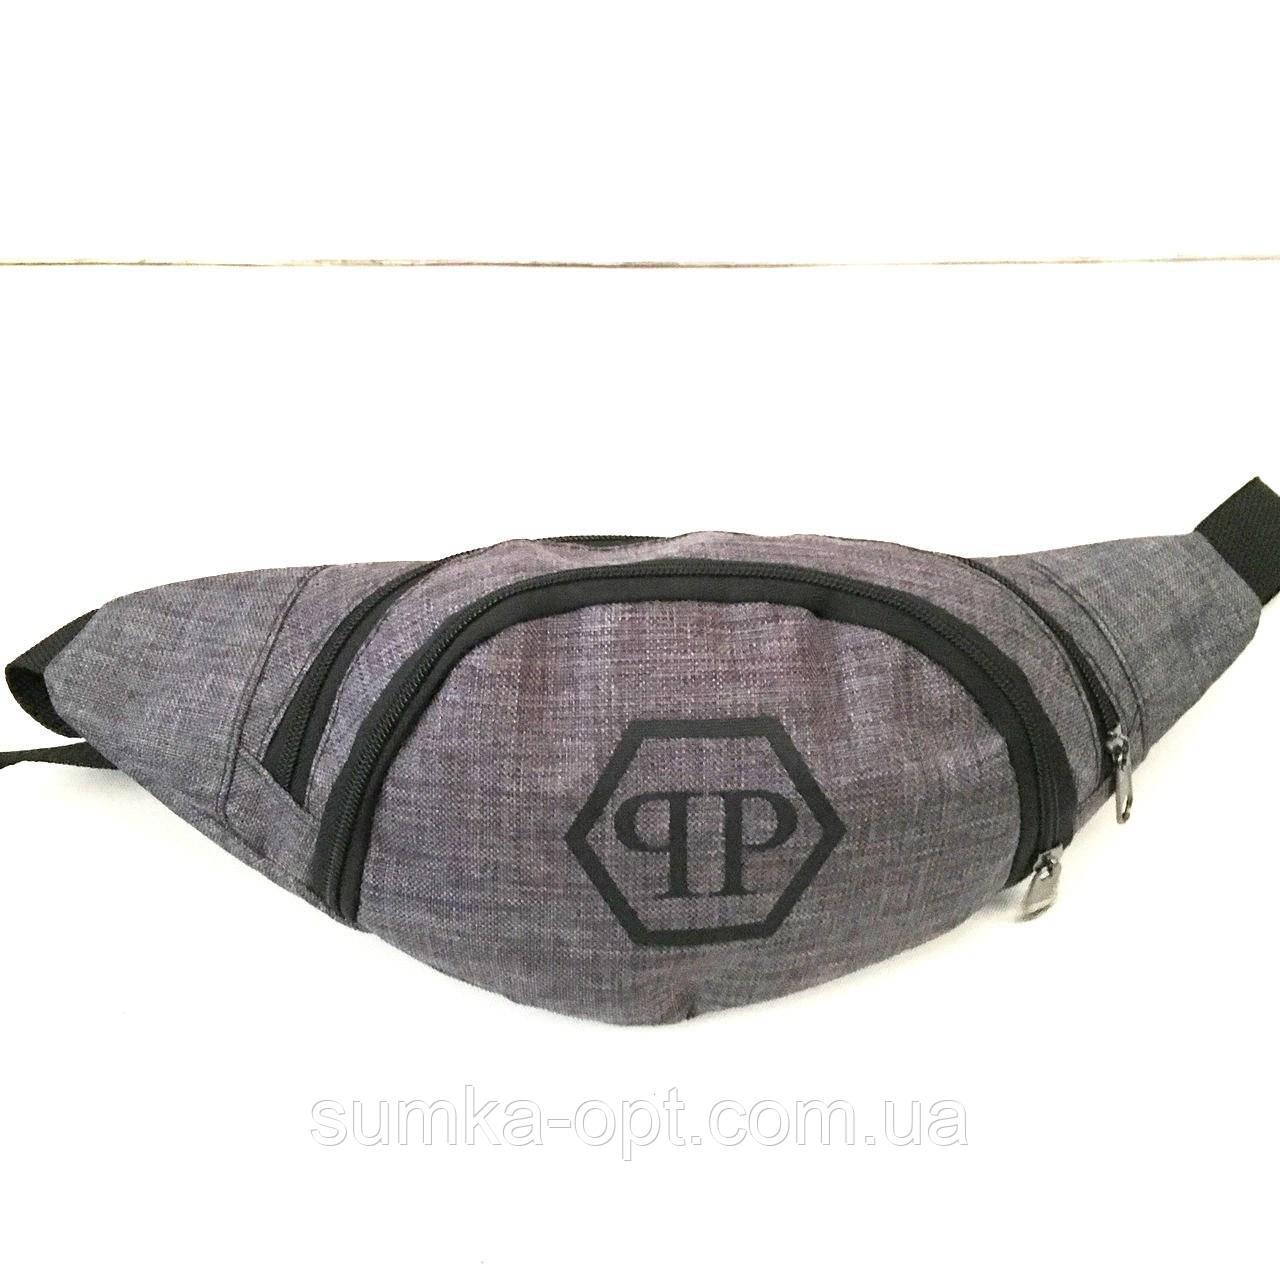 Сумка на пояс текстиль Philip Plein (сірий)13*34см